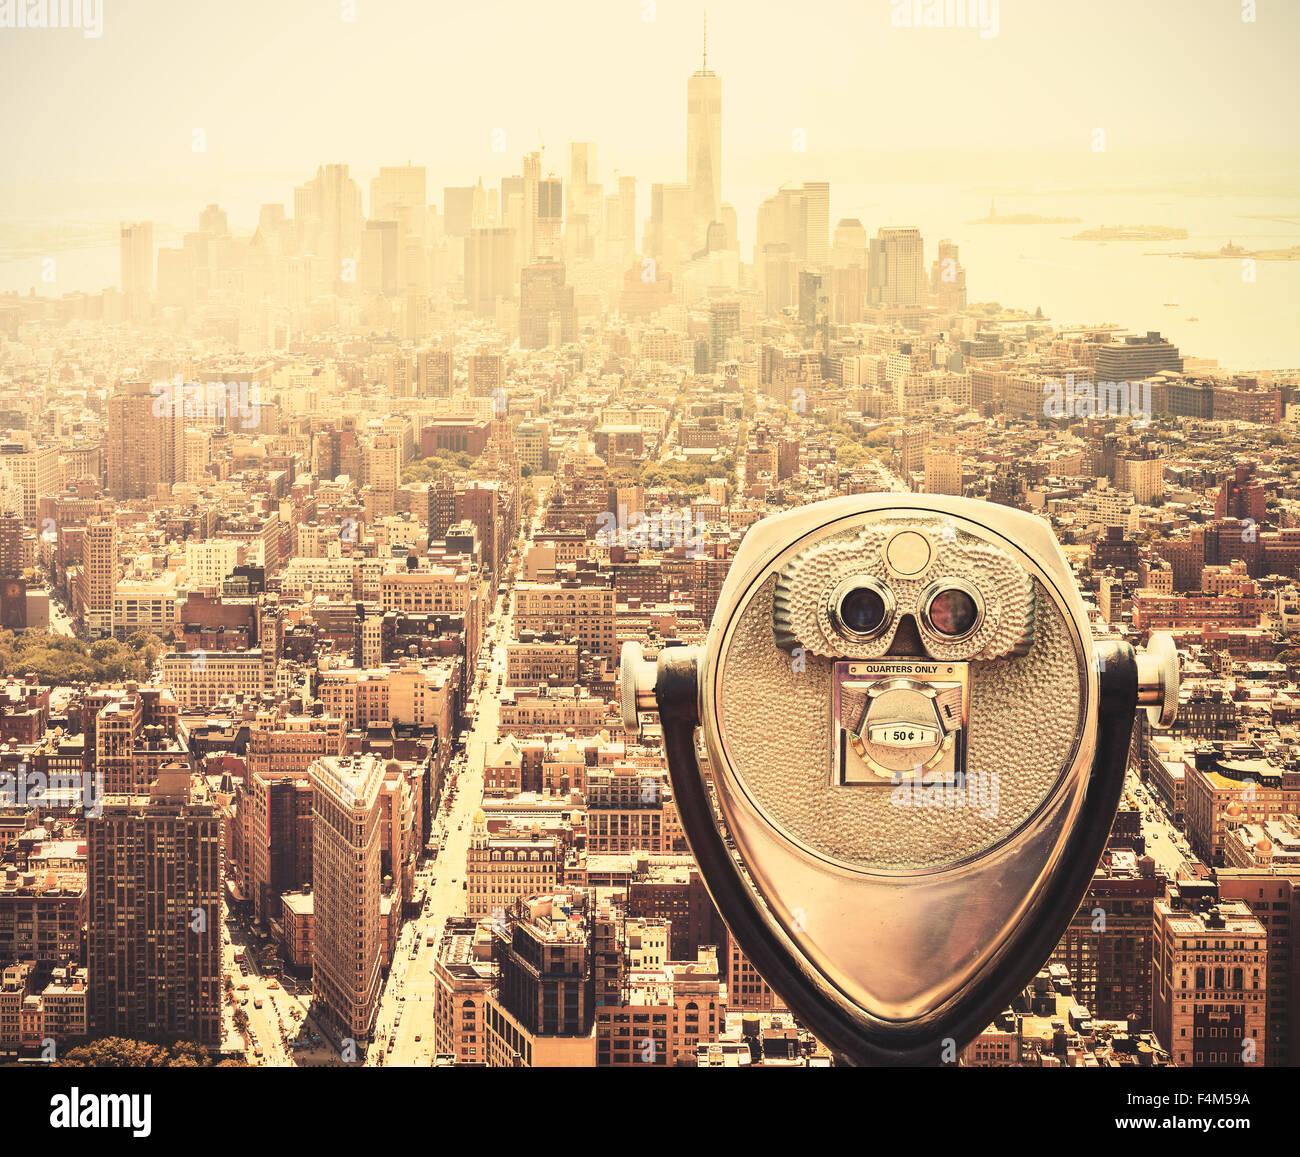 Tonos Vintage Retro binoculares turísticos en Manhattan, Ciudad de Nueva York, EE.UU. Imagen De Stock